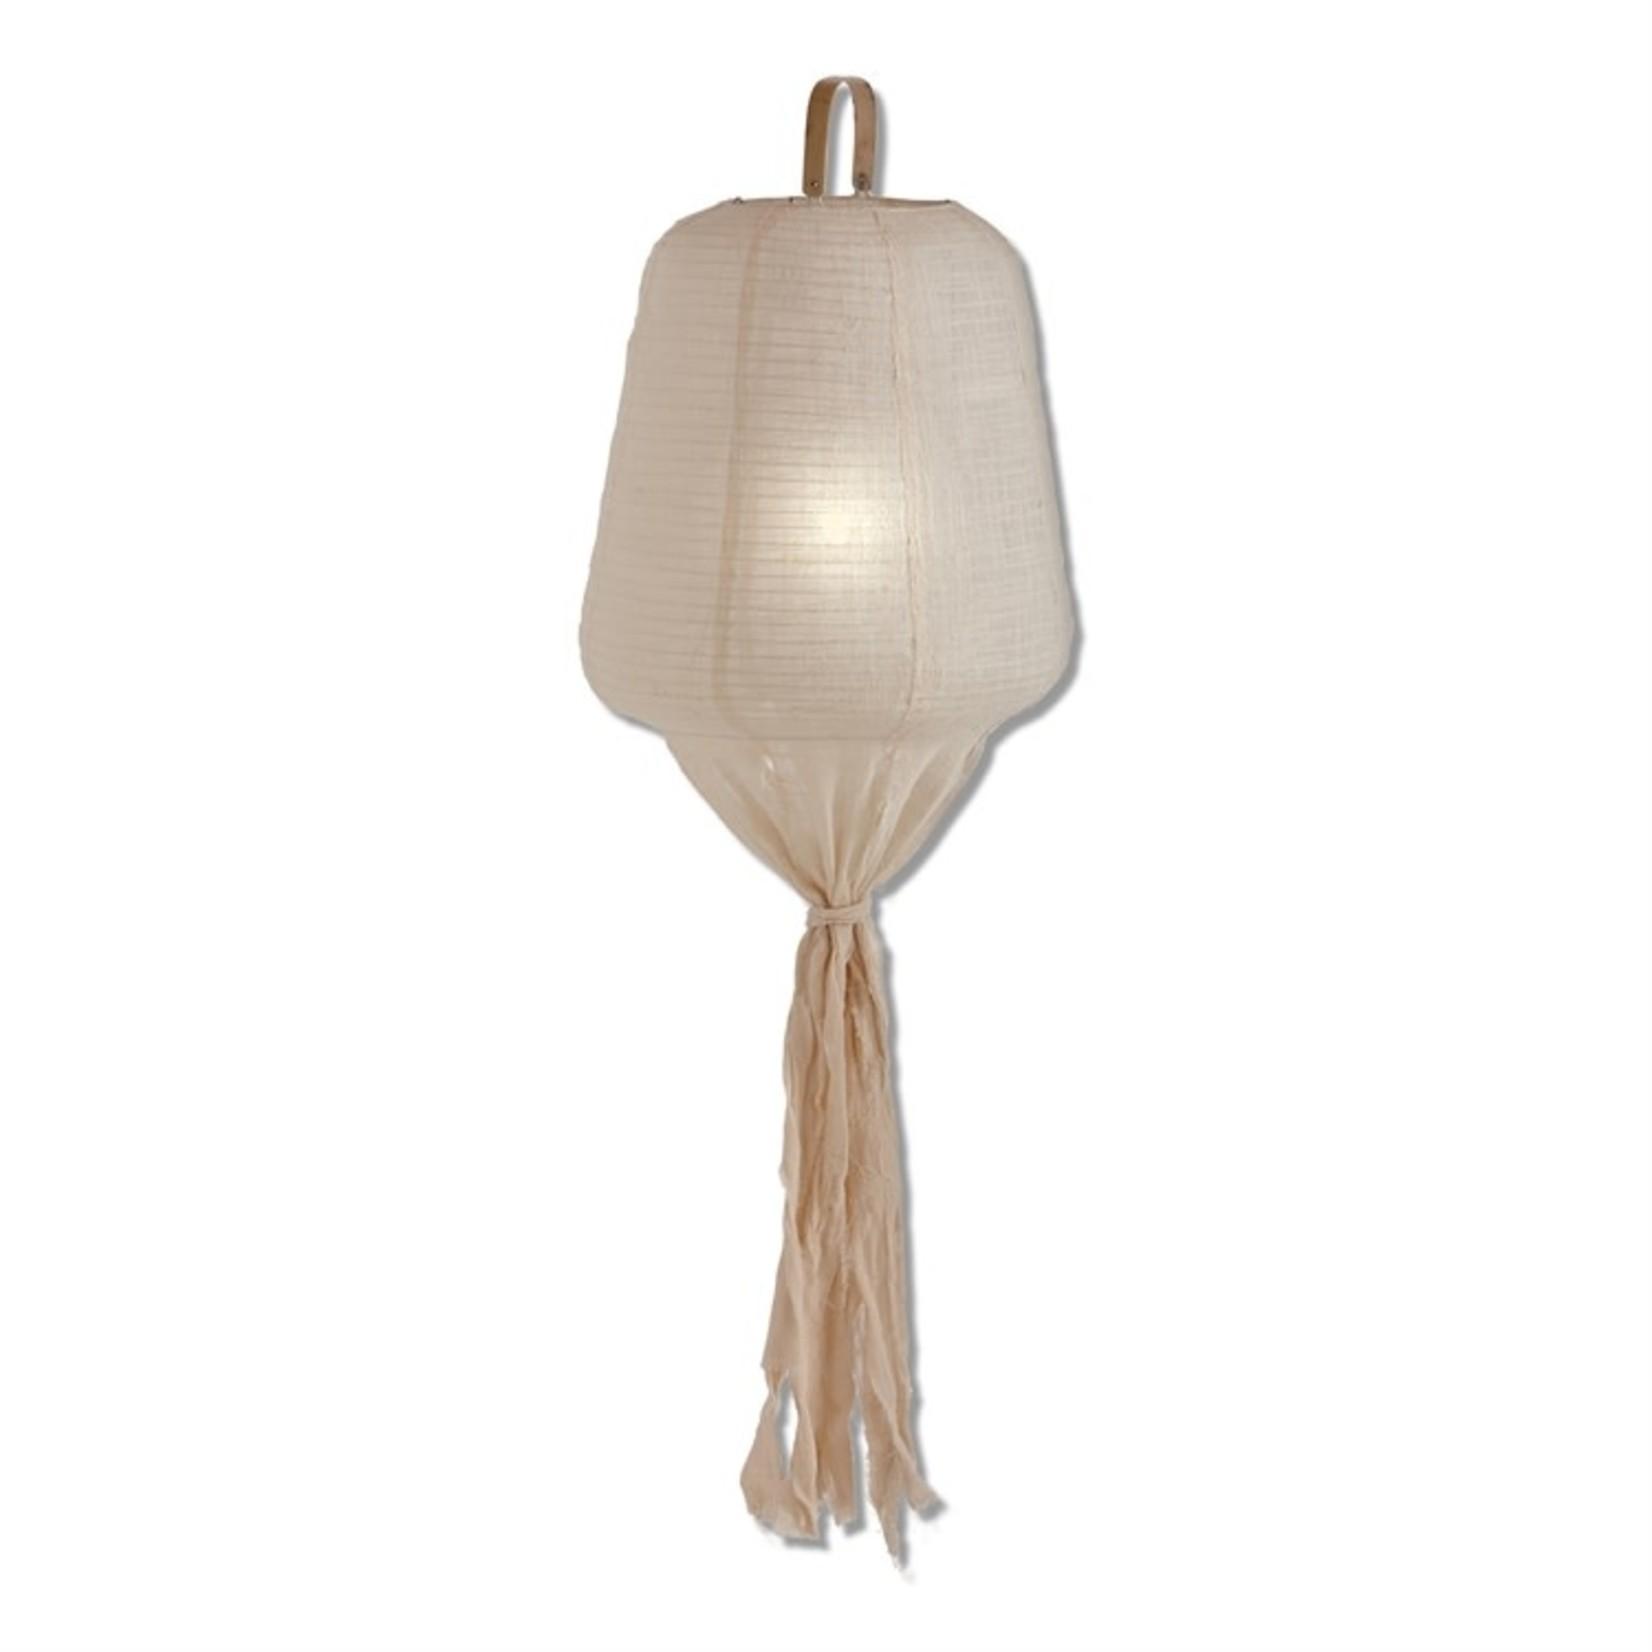 Kite LED Hanging Lantern